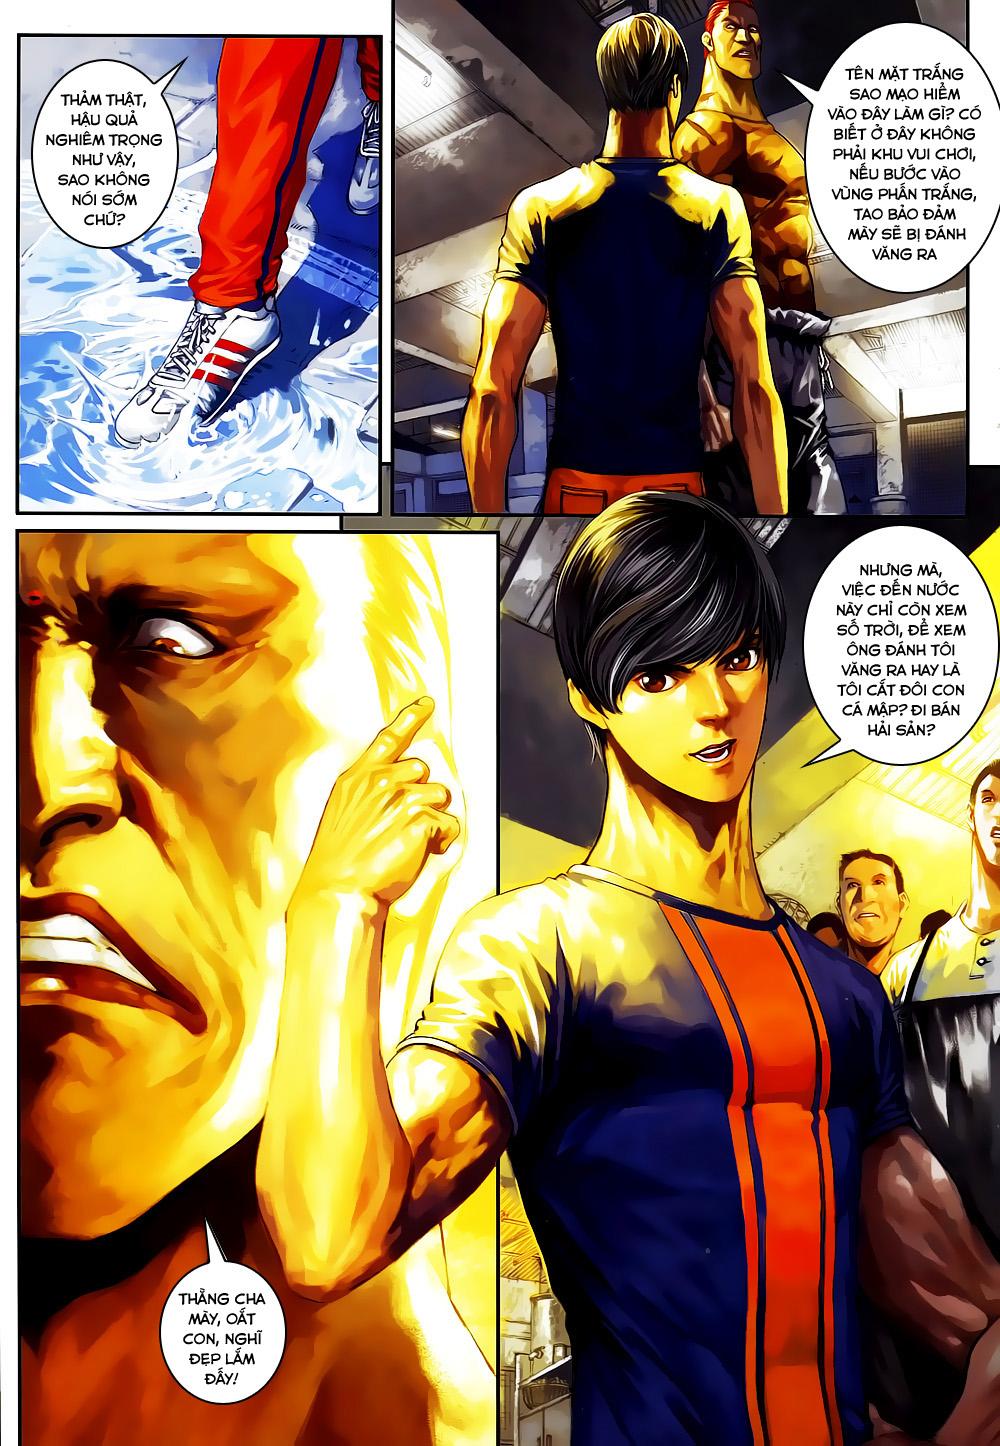 Quyền Đạo chapter 5 trang 23